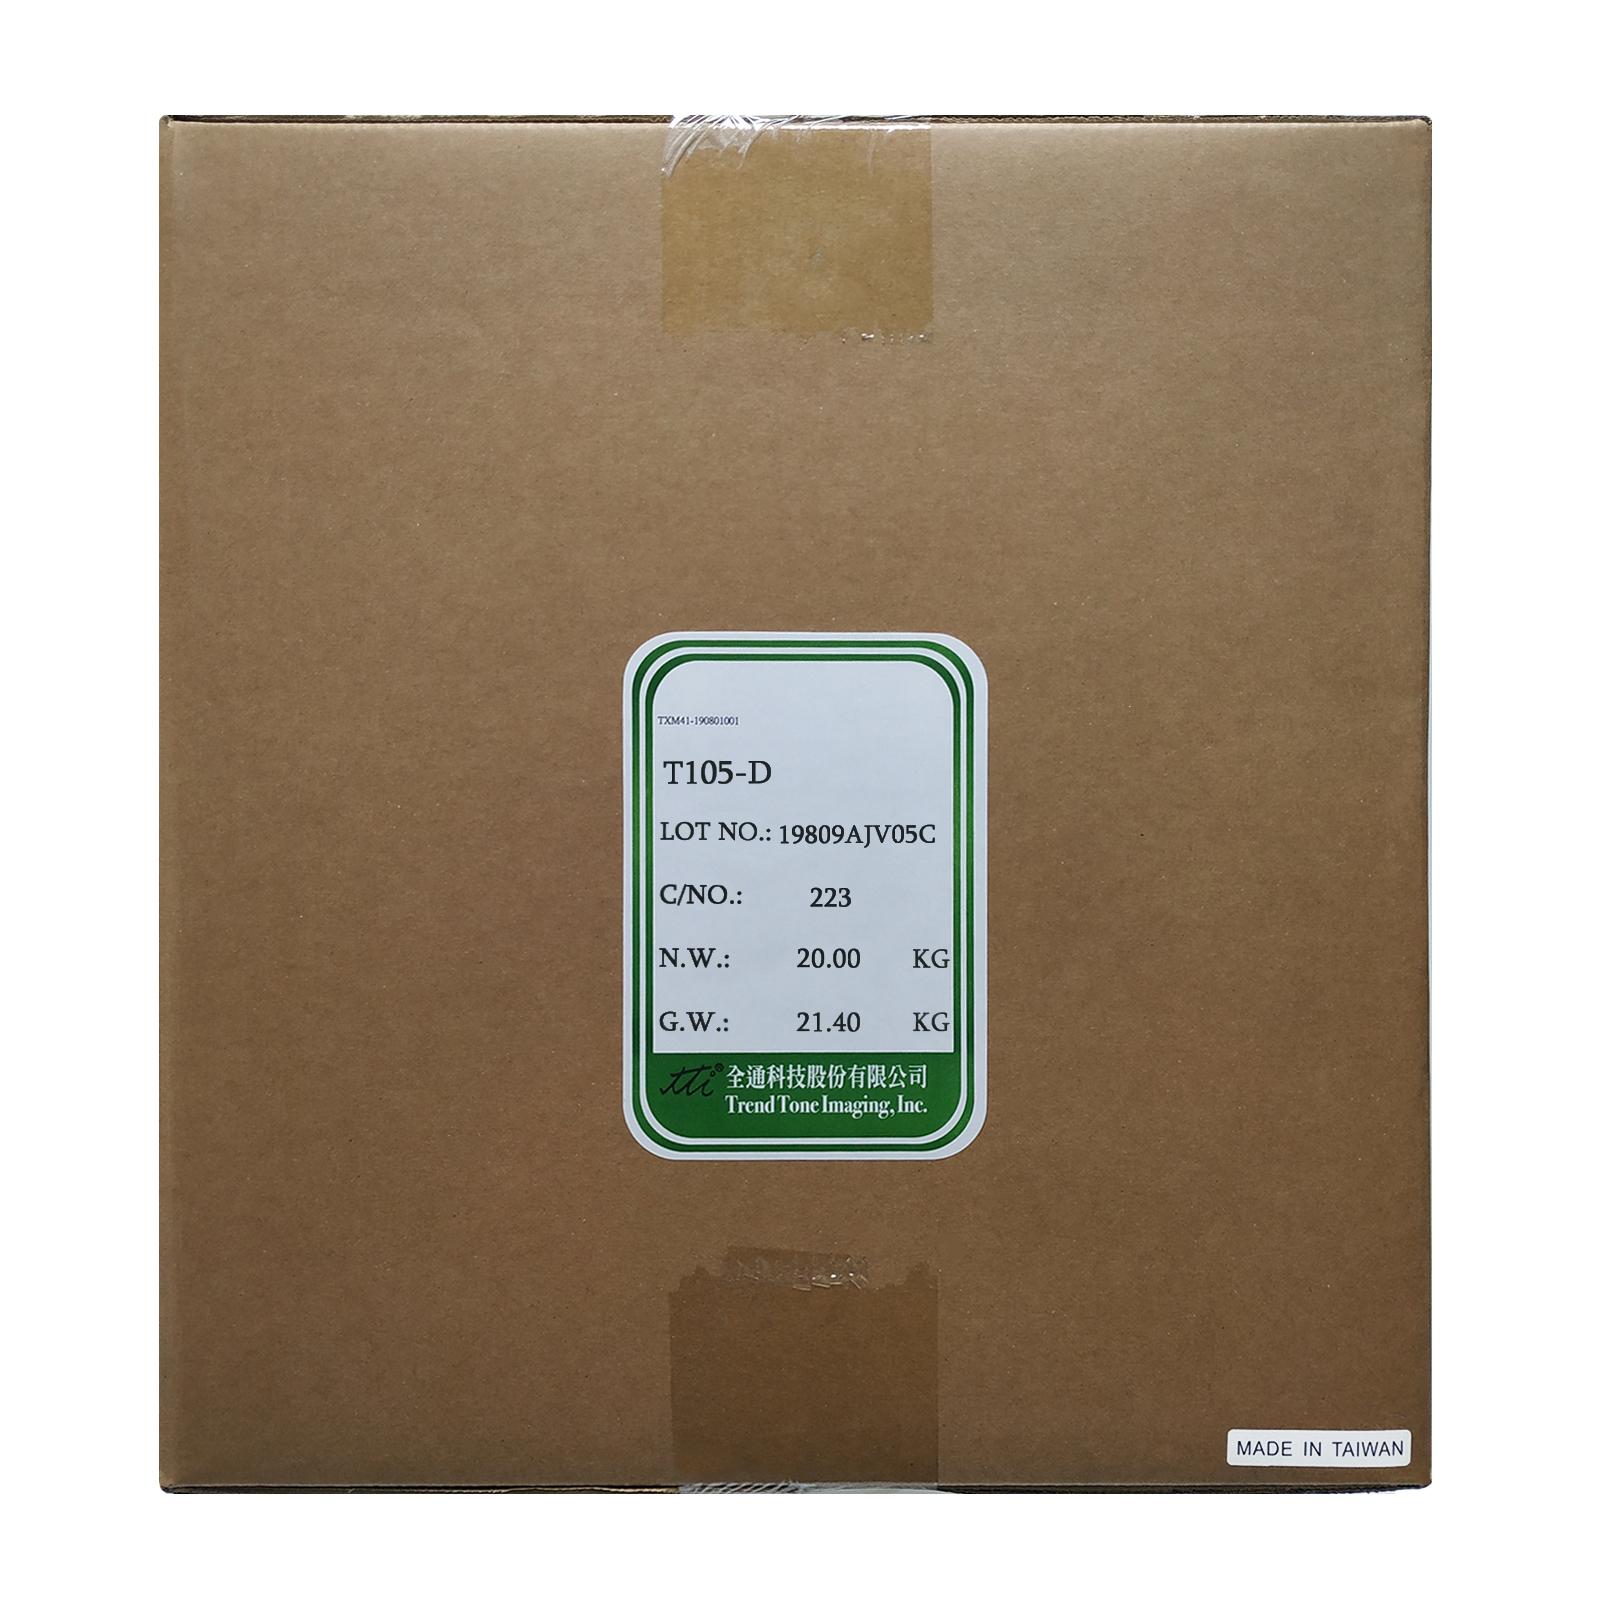 Тонер HP LJ1010/1200/1300/2100/5000 2x10кг TTI (TSM-105-D-20)